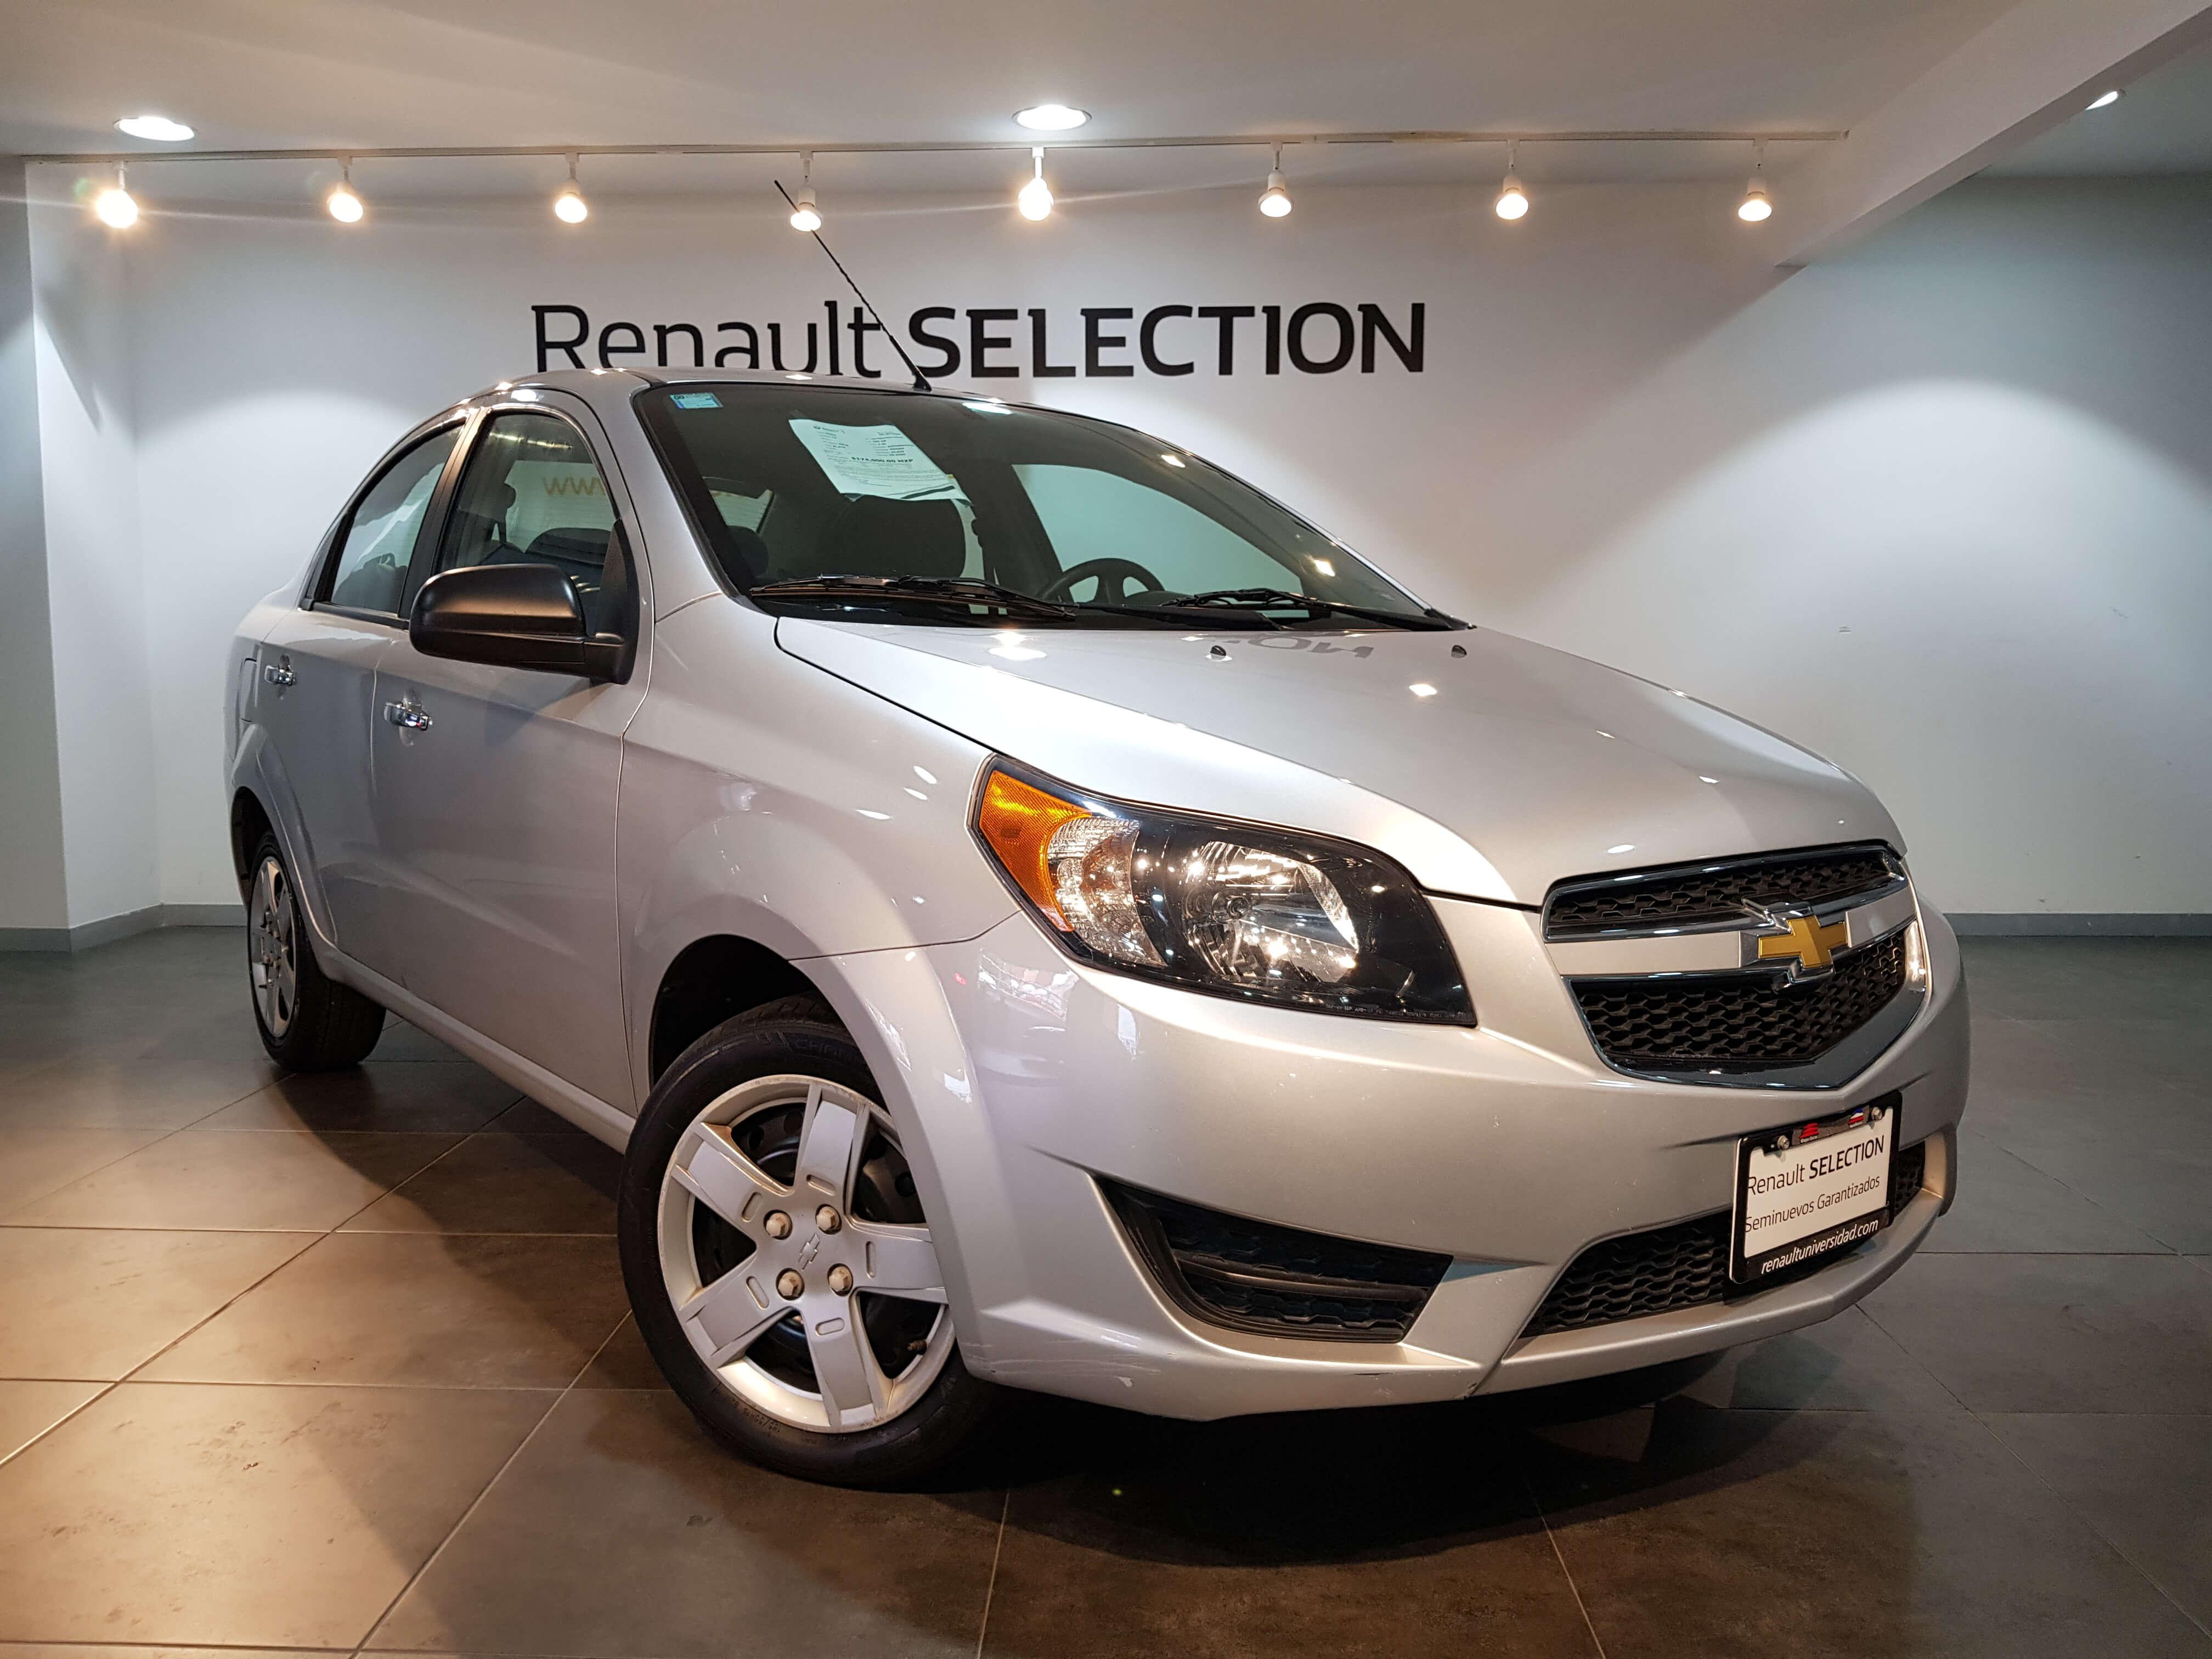 Chevrolet Aveo 174,000